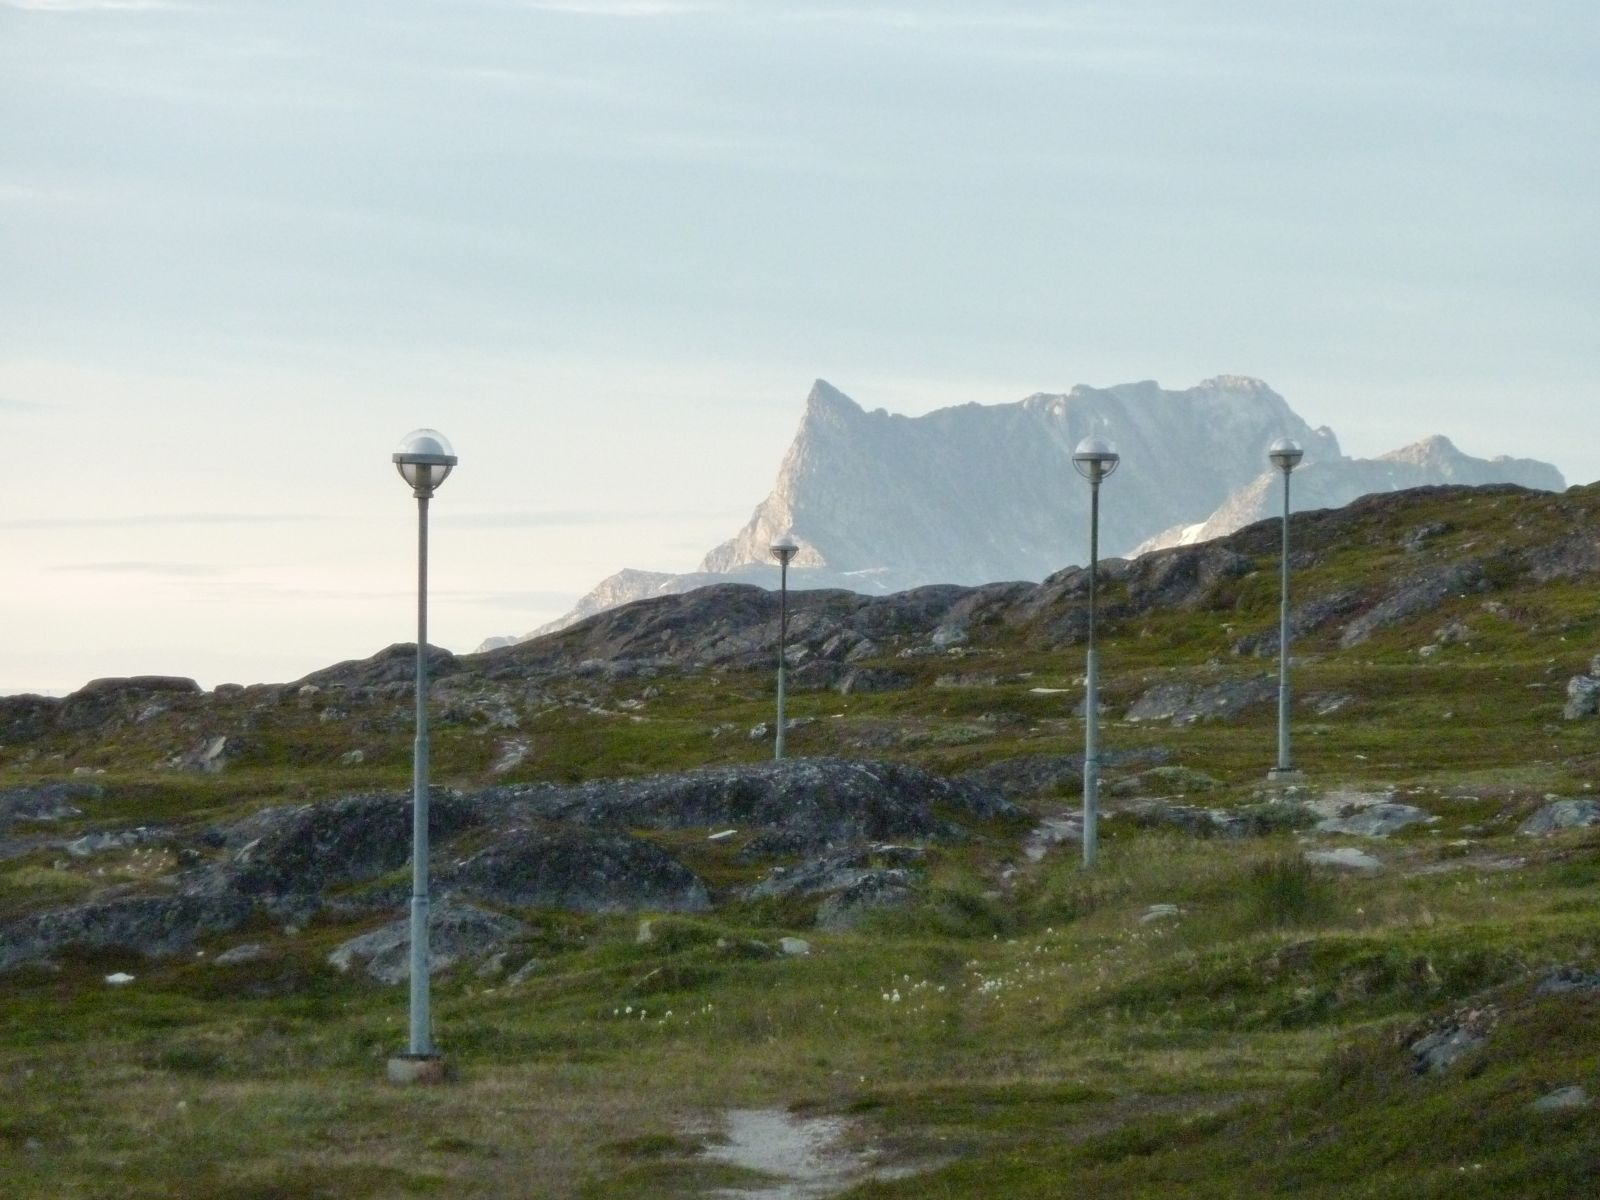 2010-07-15-2215_-_Sermitsiaq